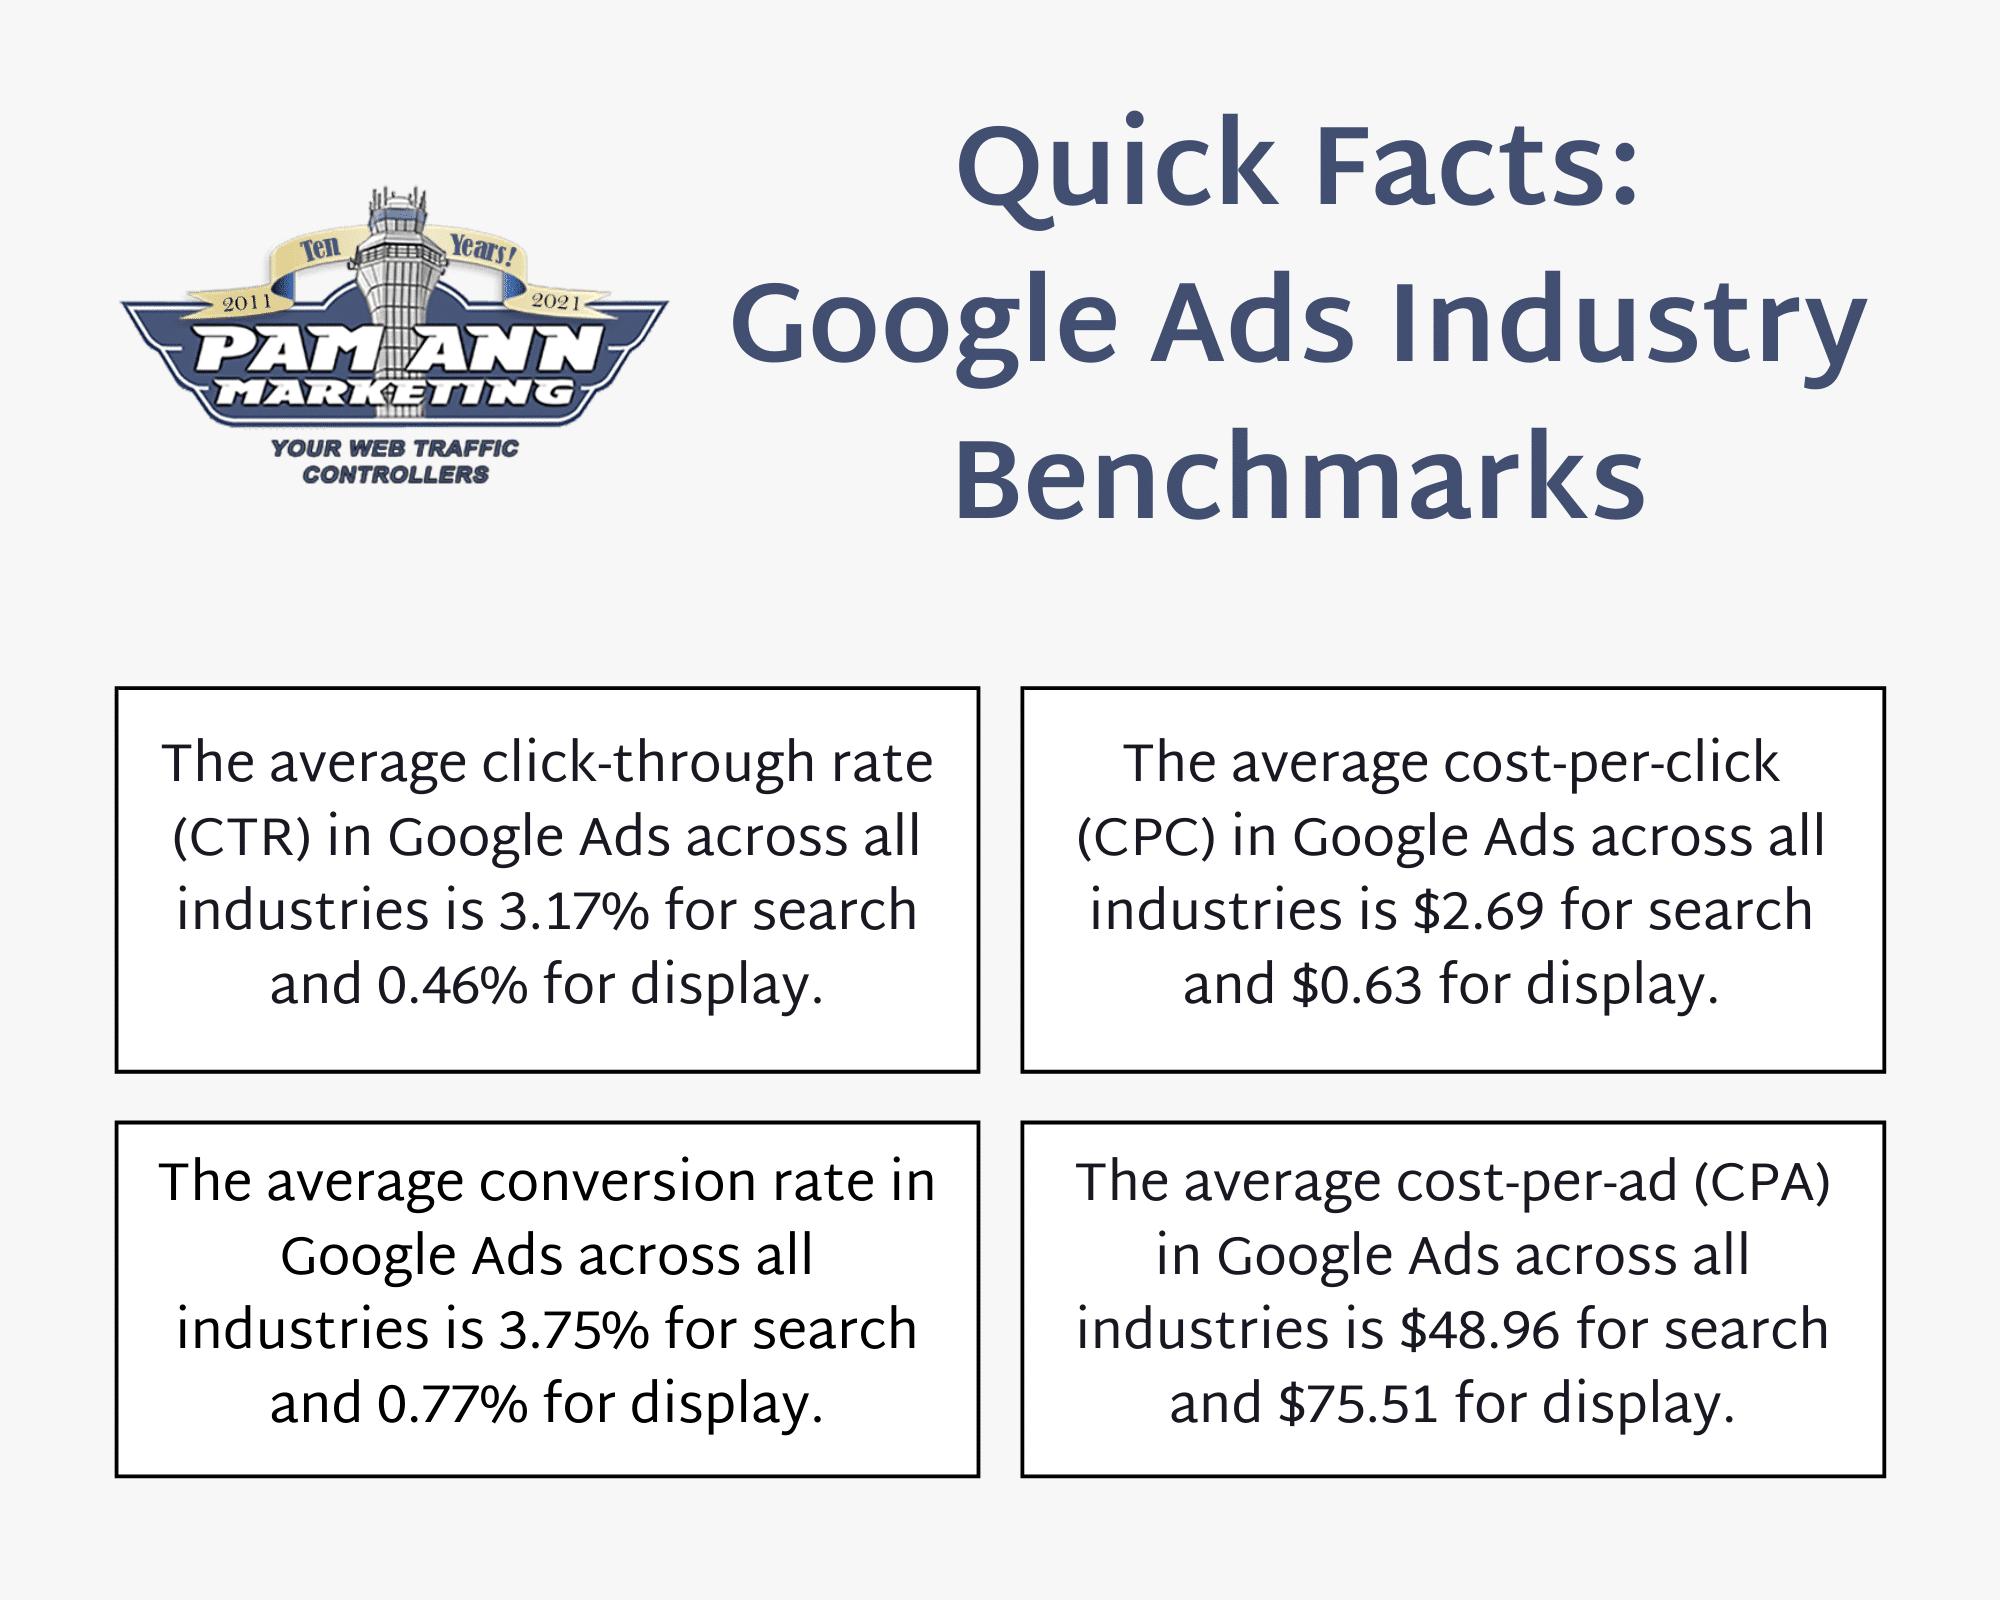 Este es un gráfico de datos breves que muestra el costo por clic promedio y las comparativas de la industria de Google Ads.